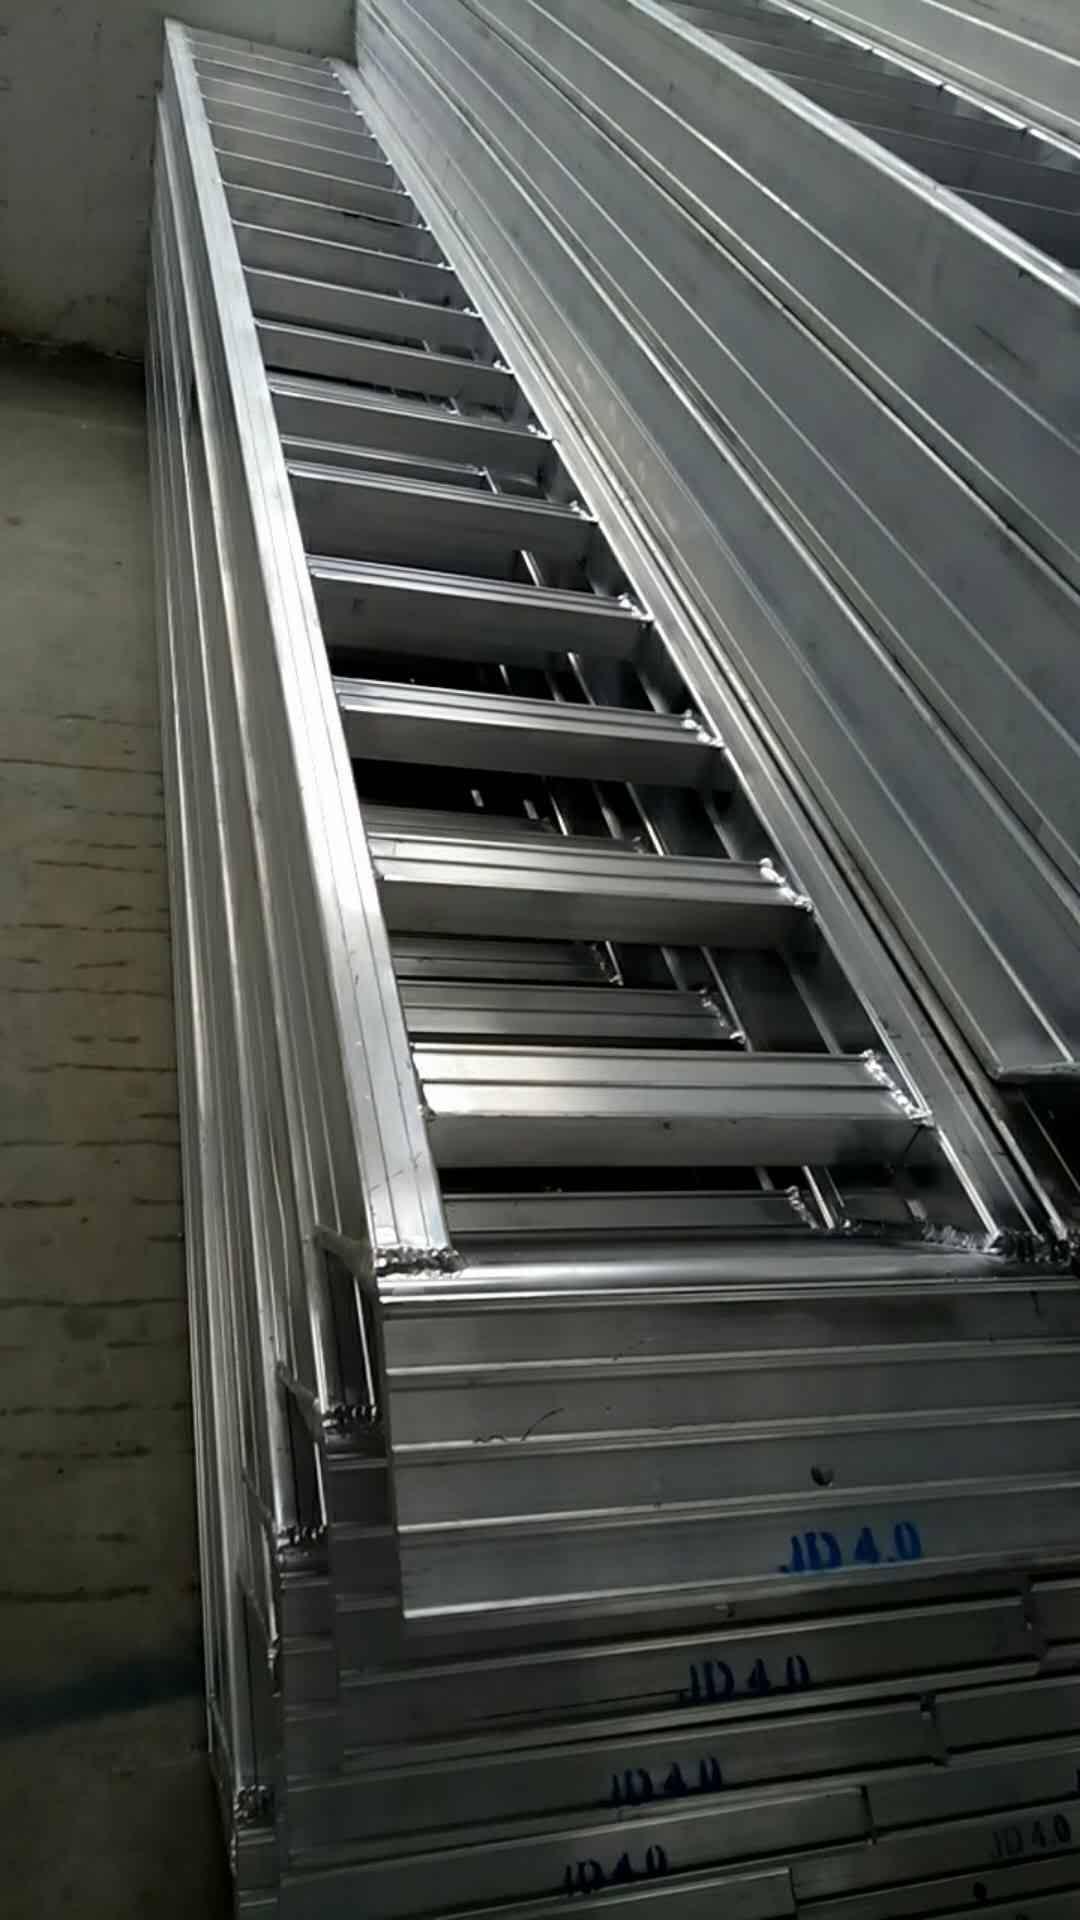 高强度铝合金爬梯,挖掘机铝合金爬梯,高强度铝爬梯